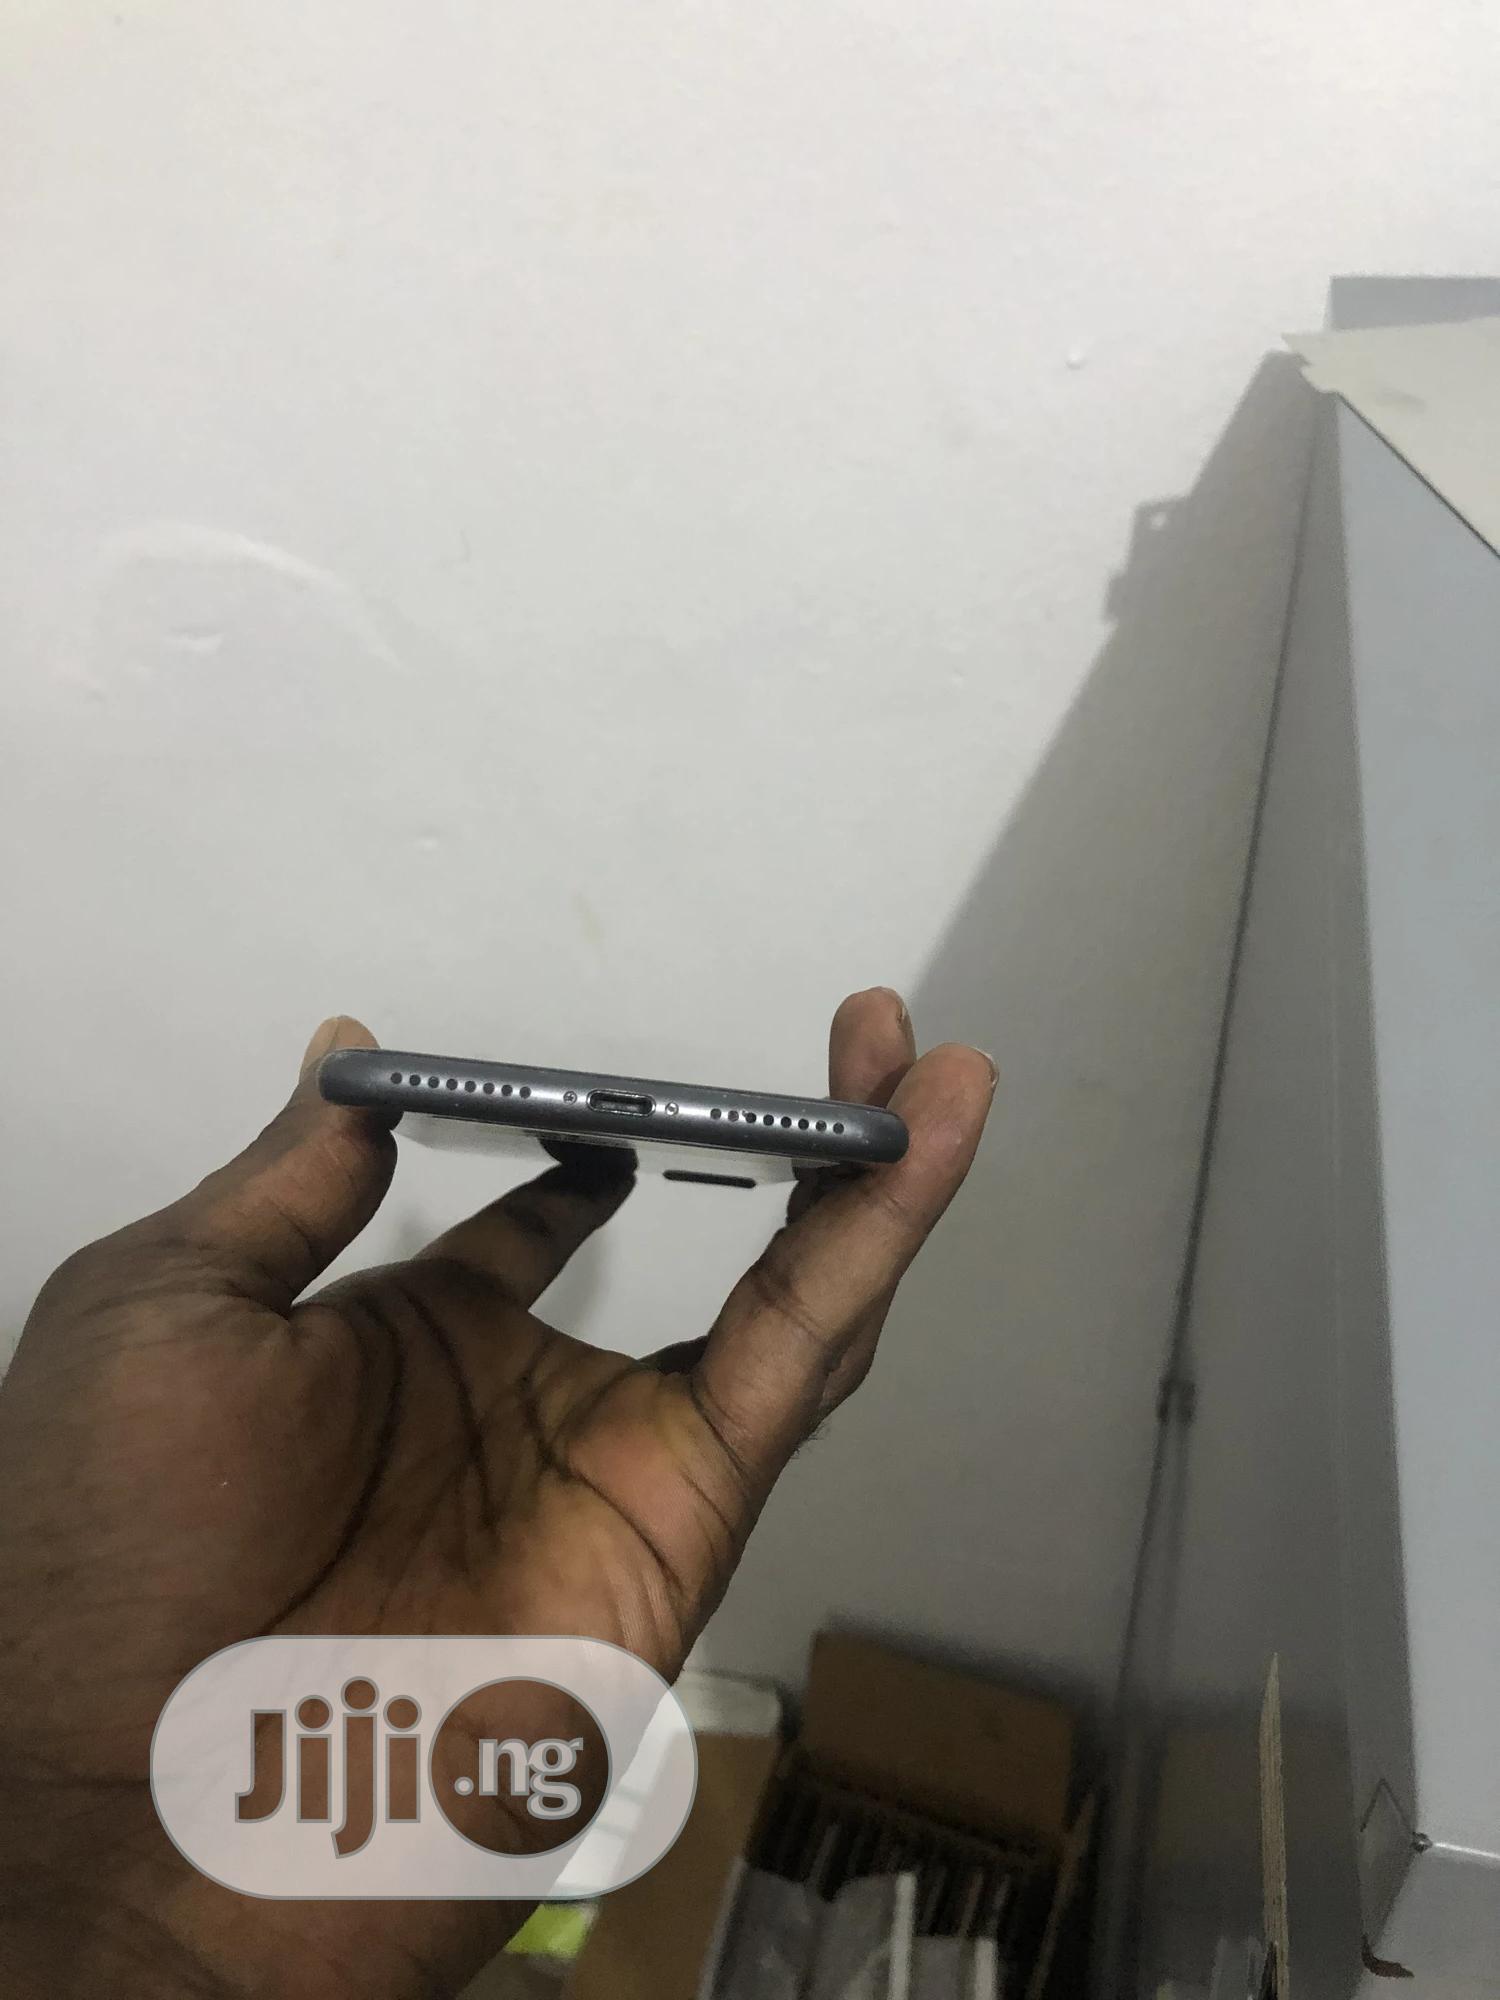 Apple iPhone 8 Plus 64 GB Black | Mobile Phones for sale in Surulere, Lagos State, Nigeria